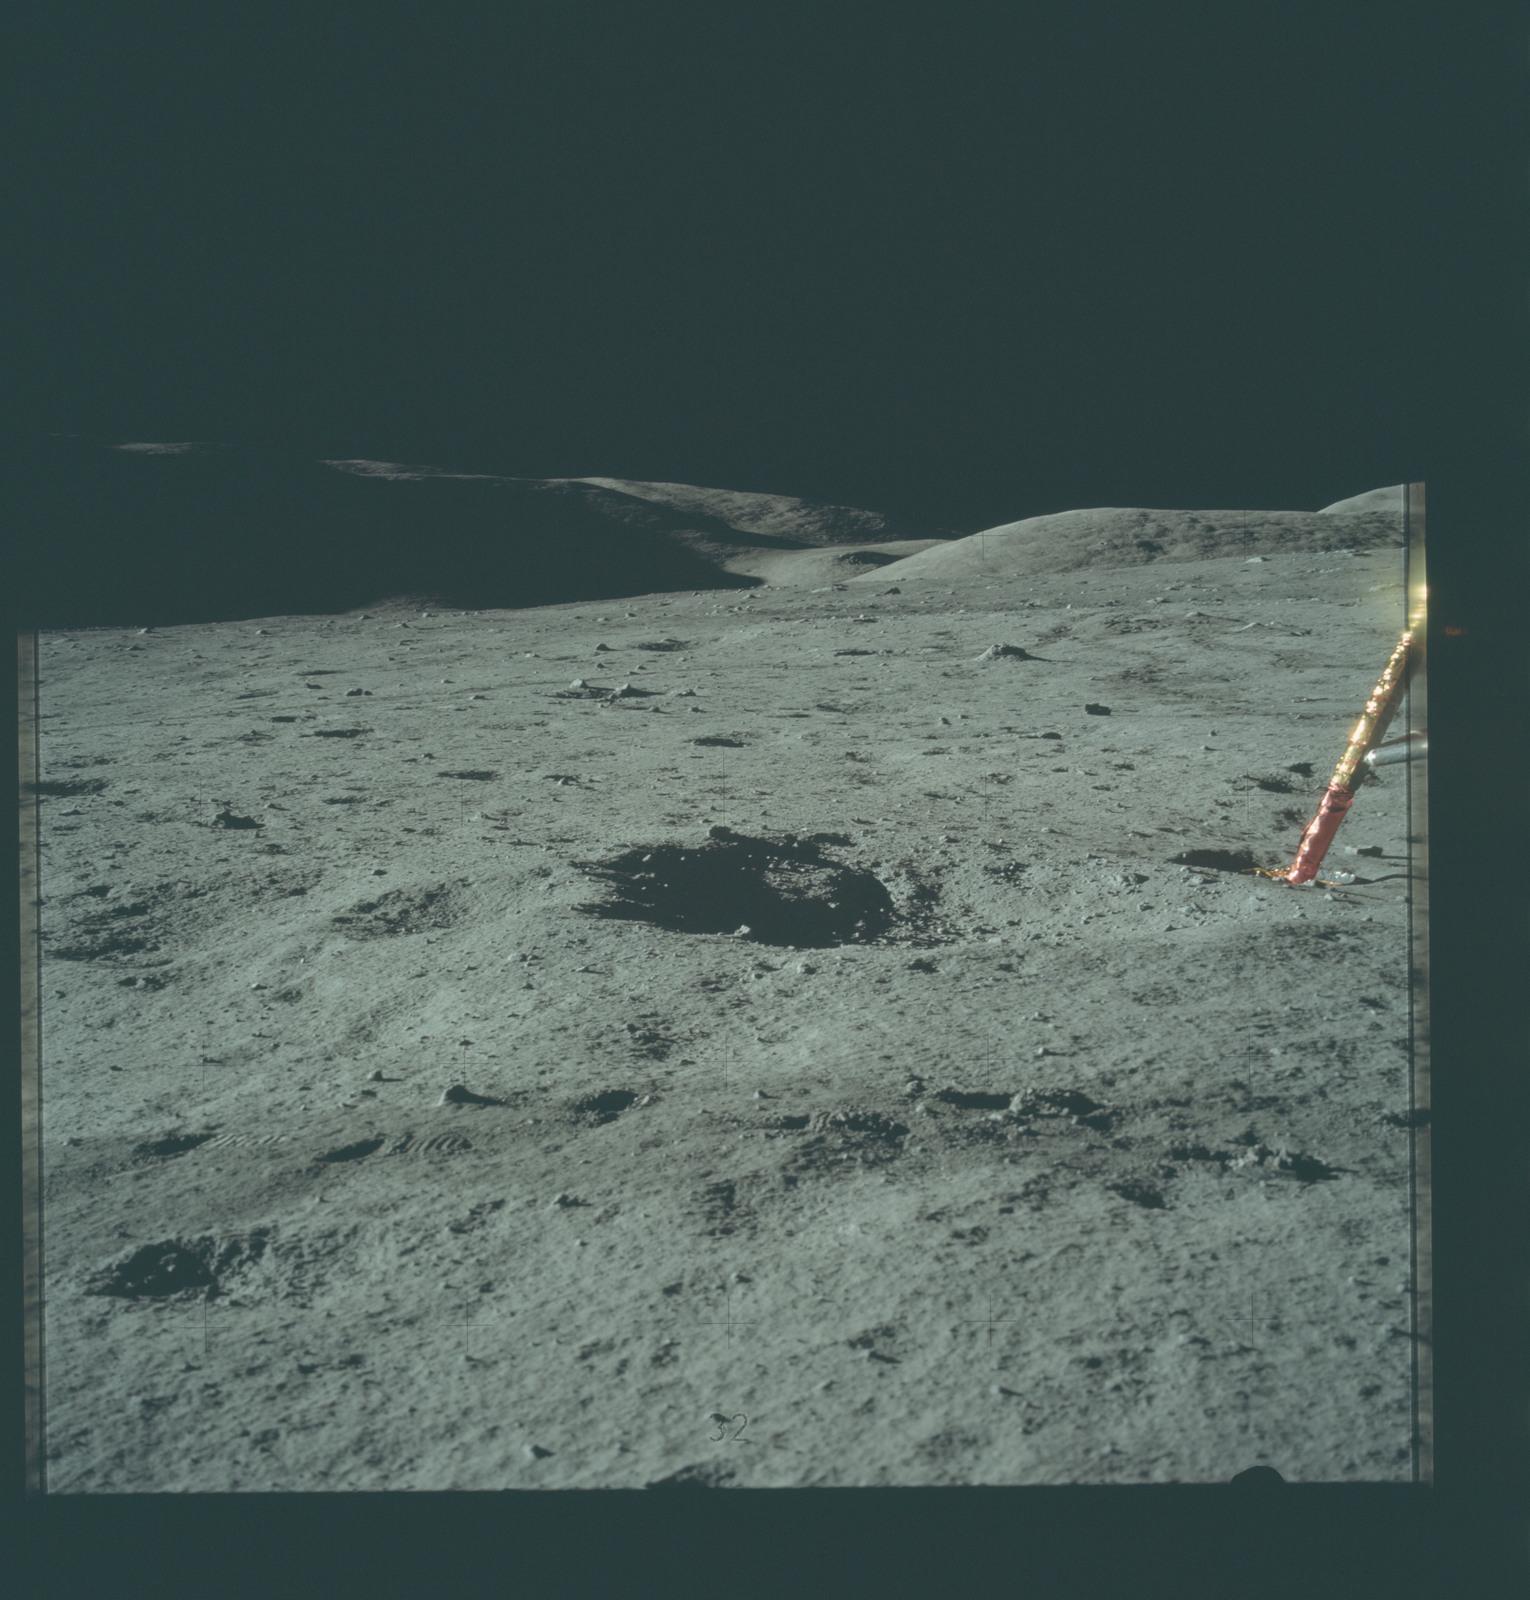 AS17-147-22514 - Apollo 17